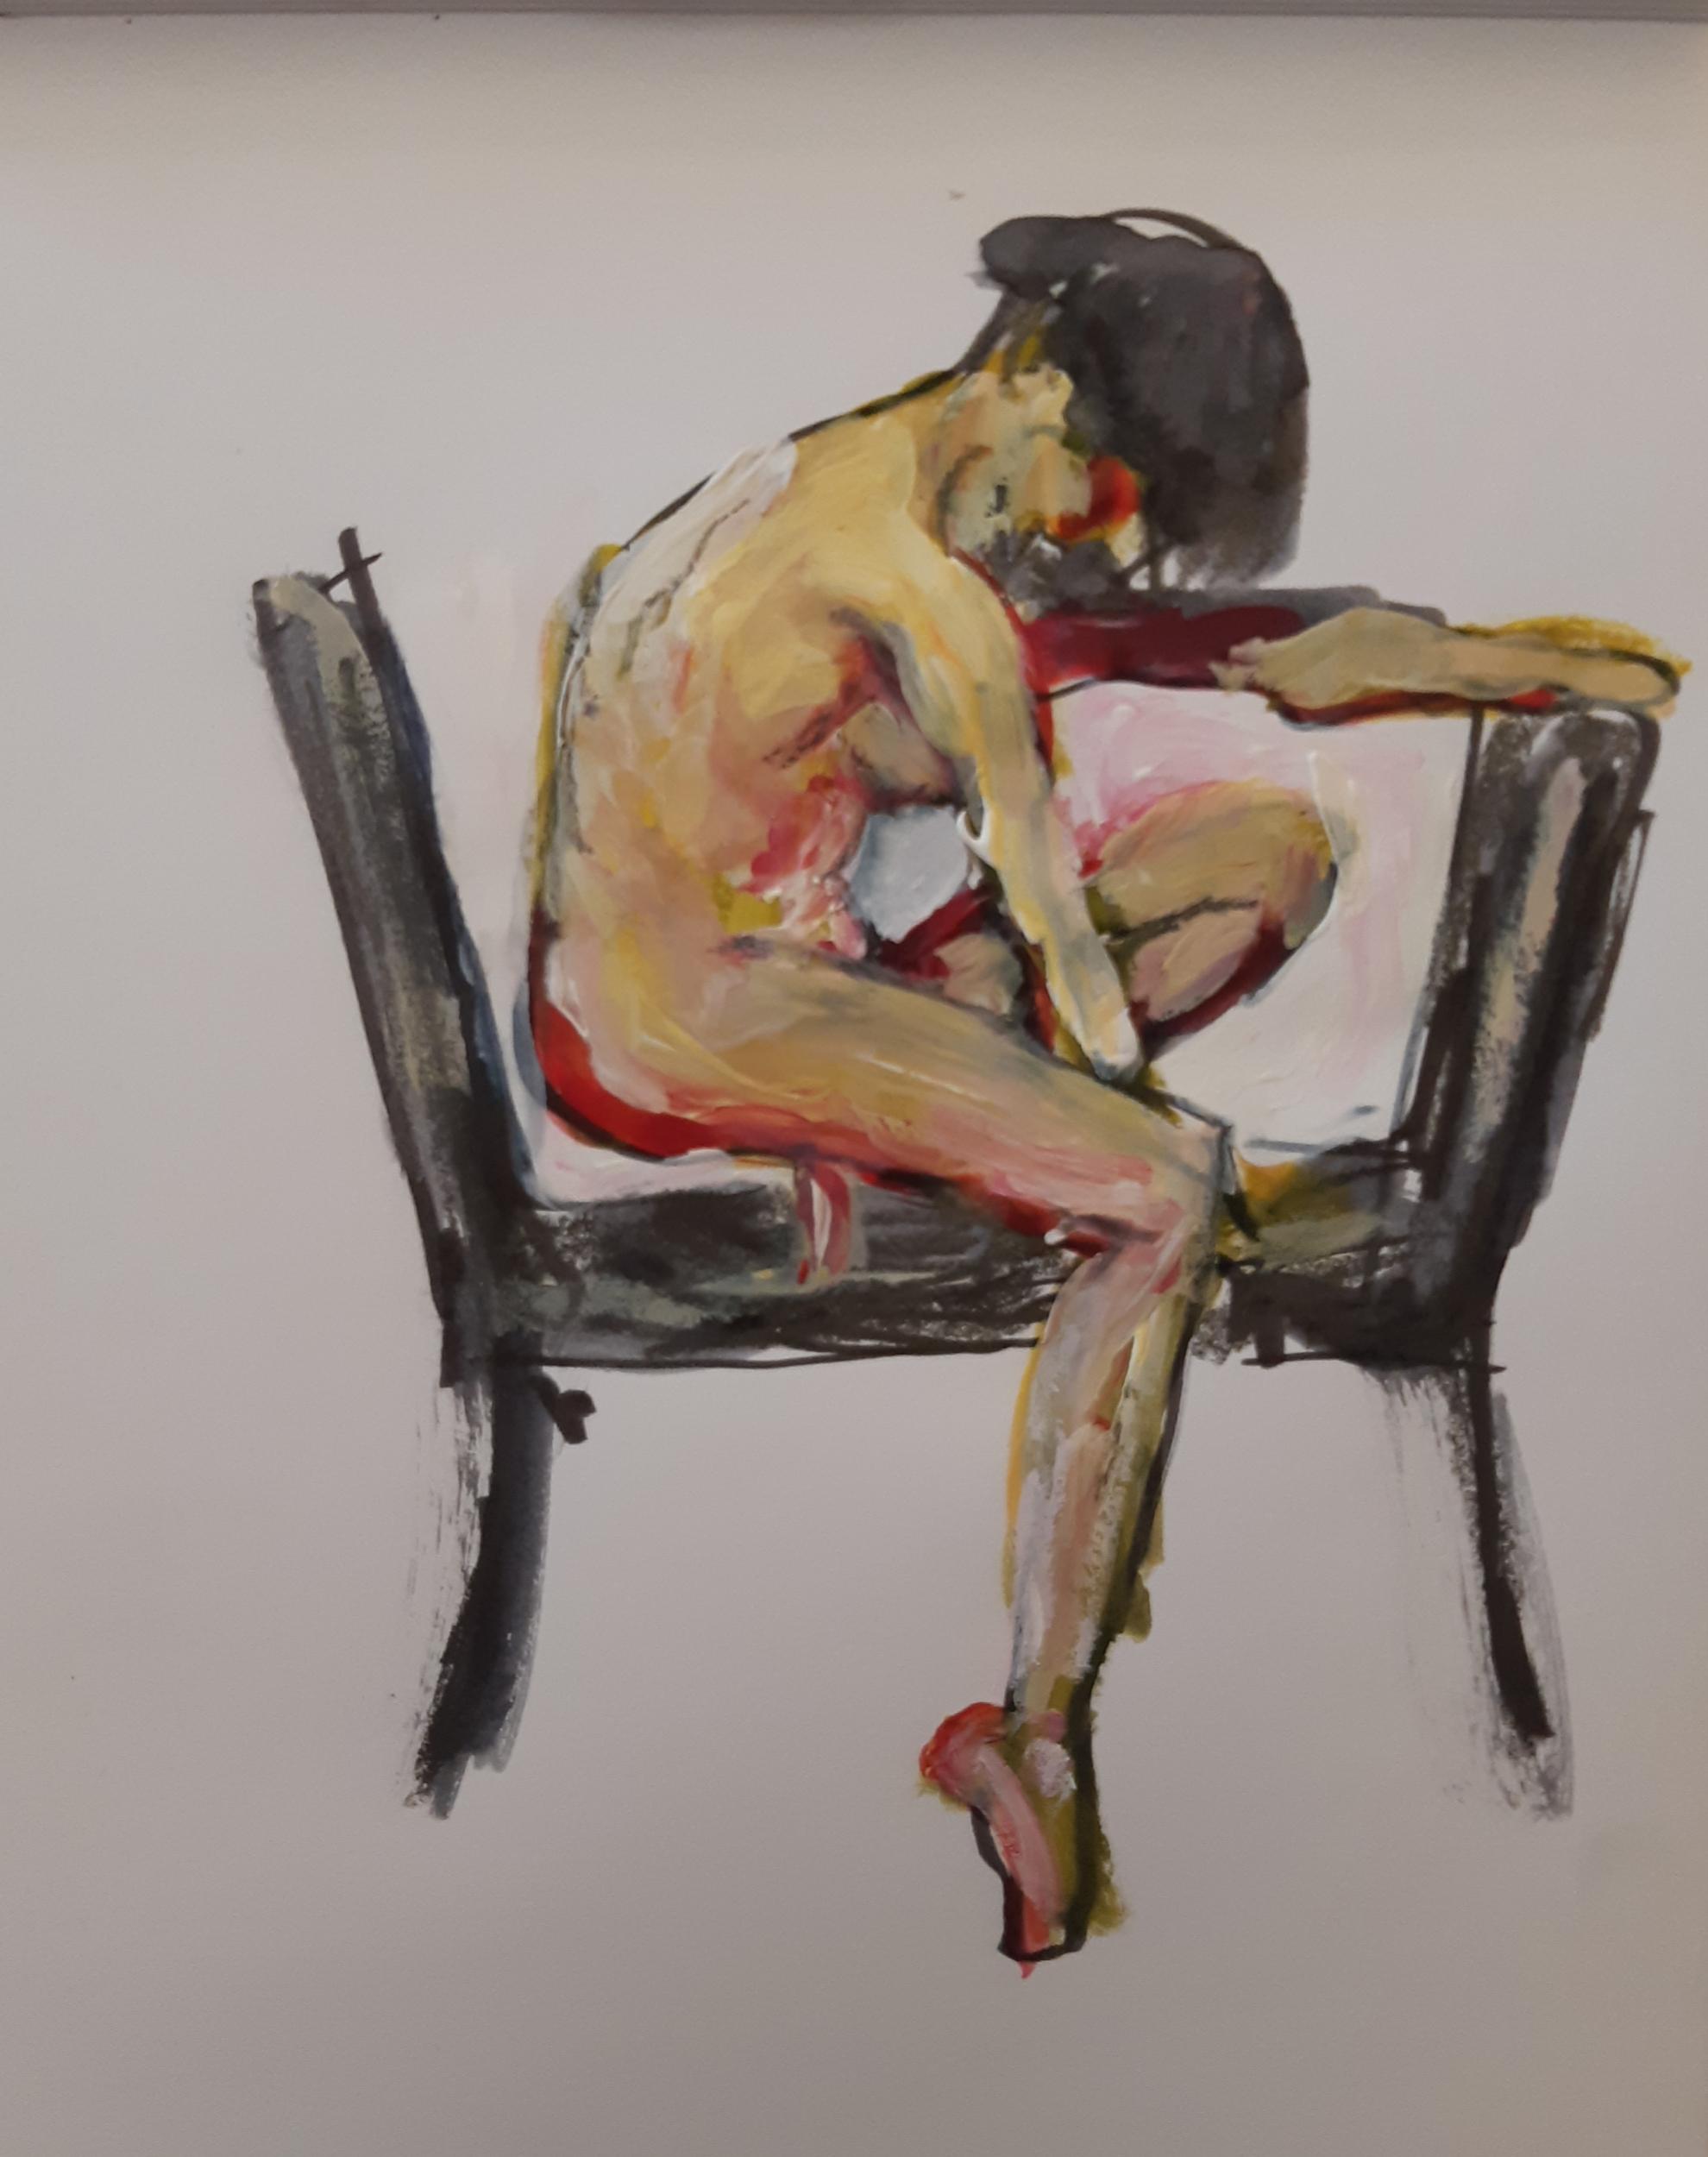 Peinture deux chaises et une femme technique mixte sur papier  cours de dessin